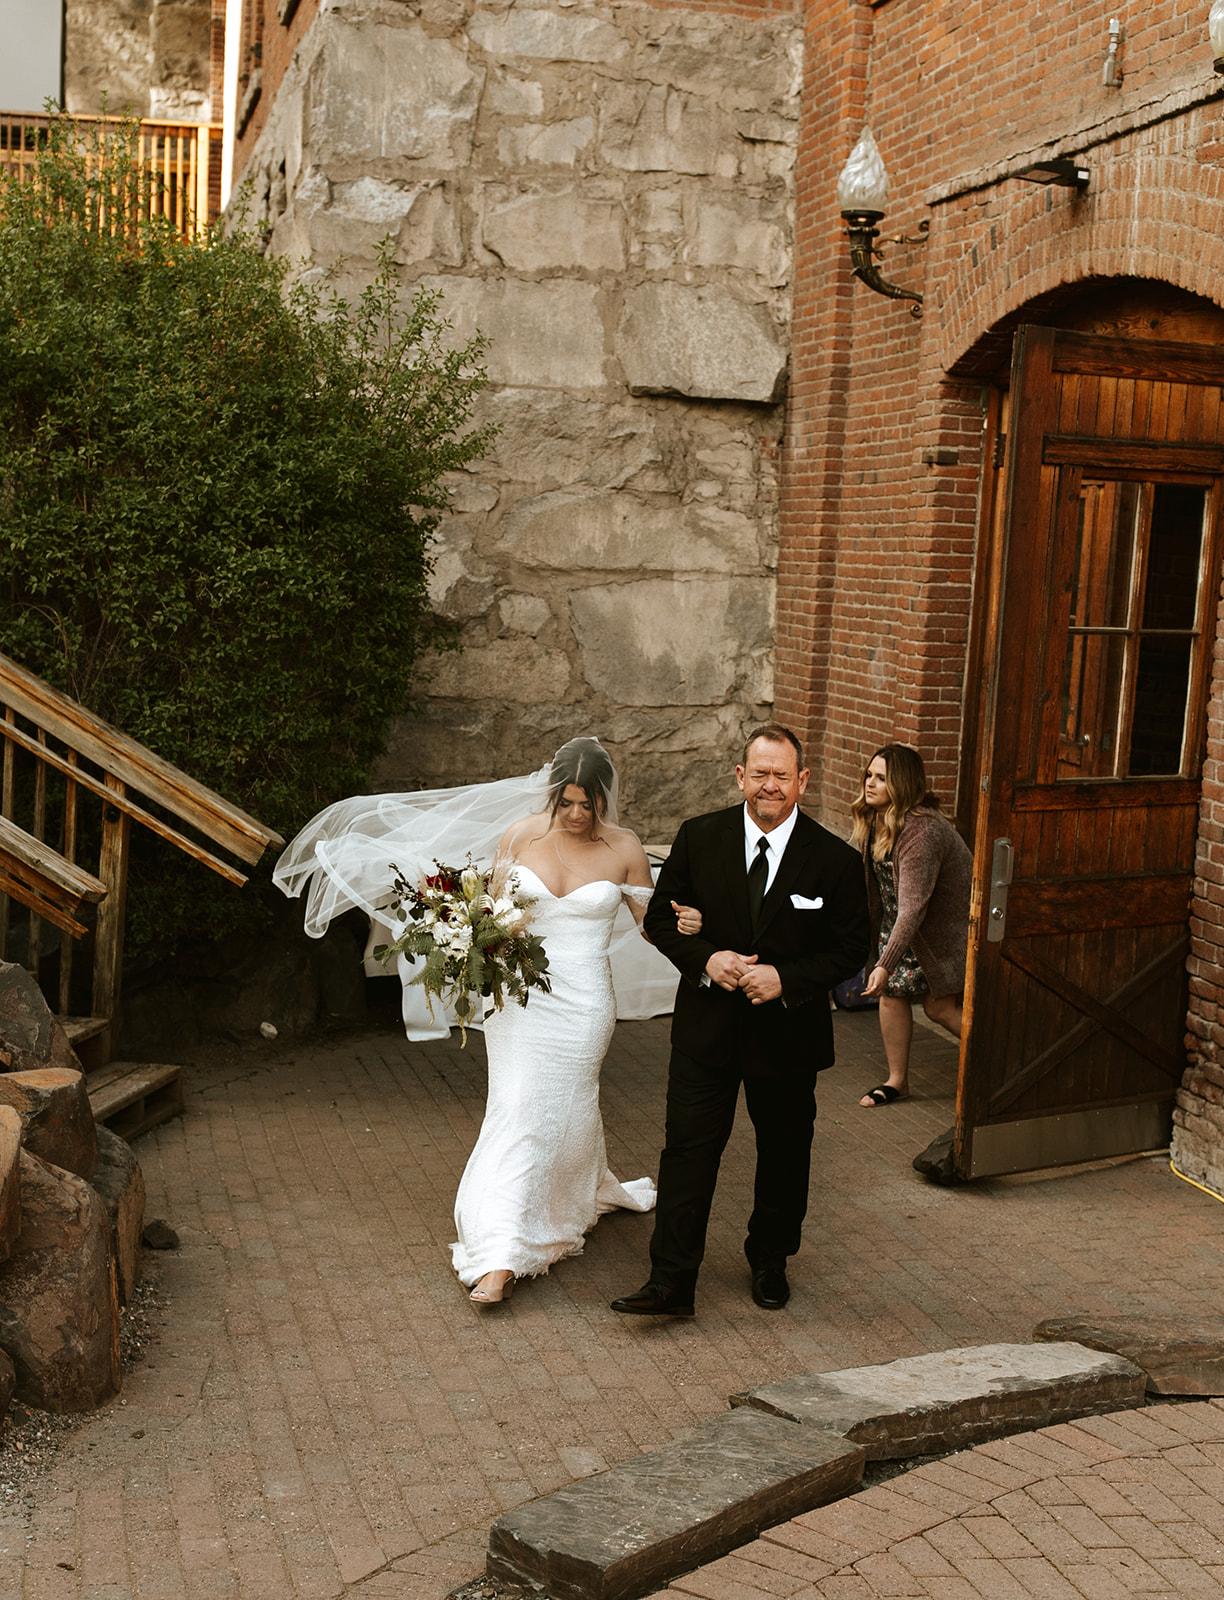 Chateau Rive Spokane Wedding Spokane Blog Dress father of bride